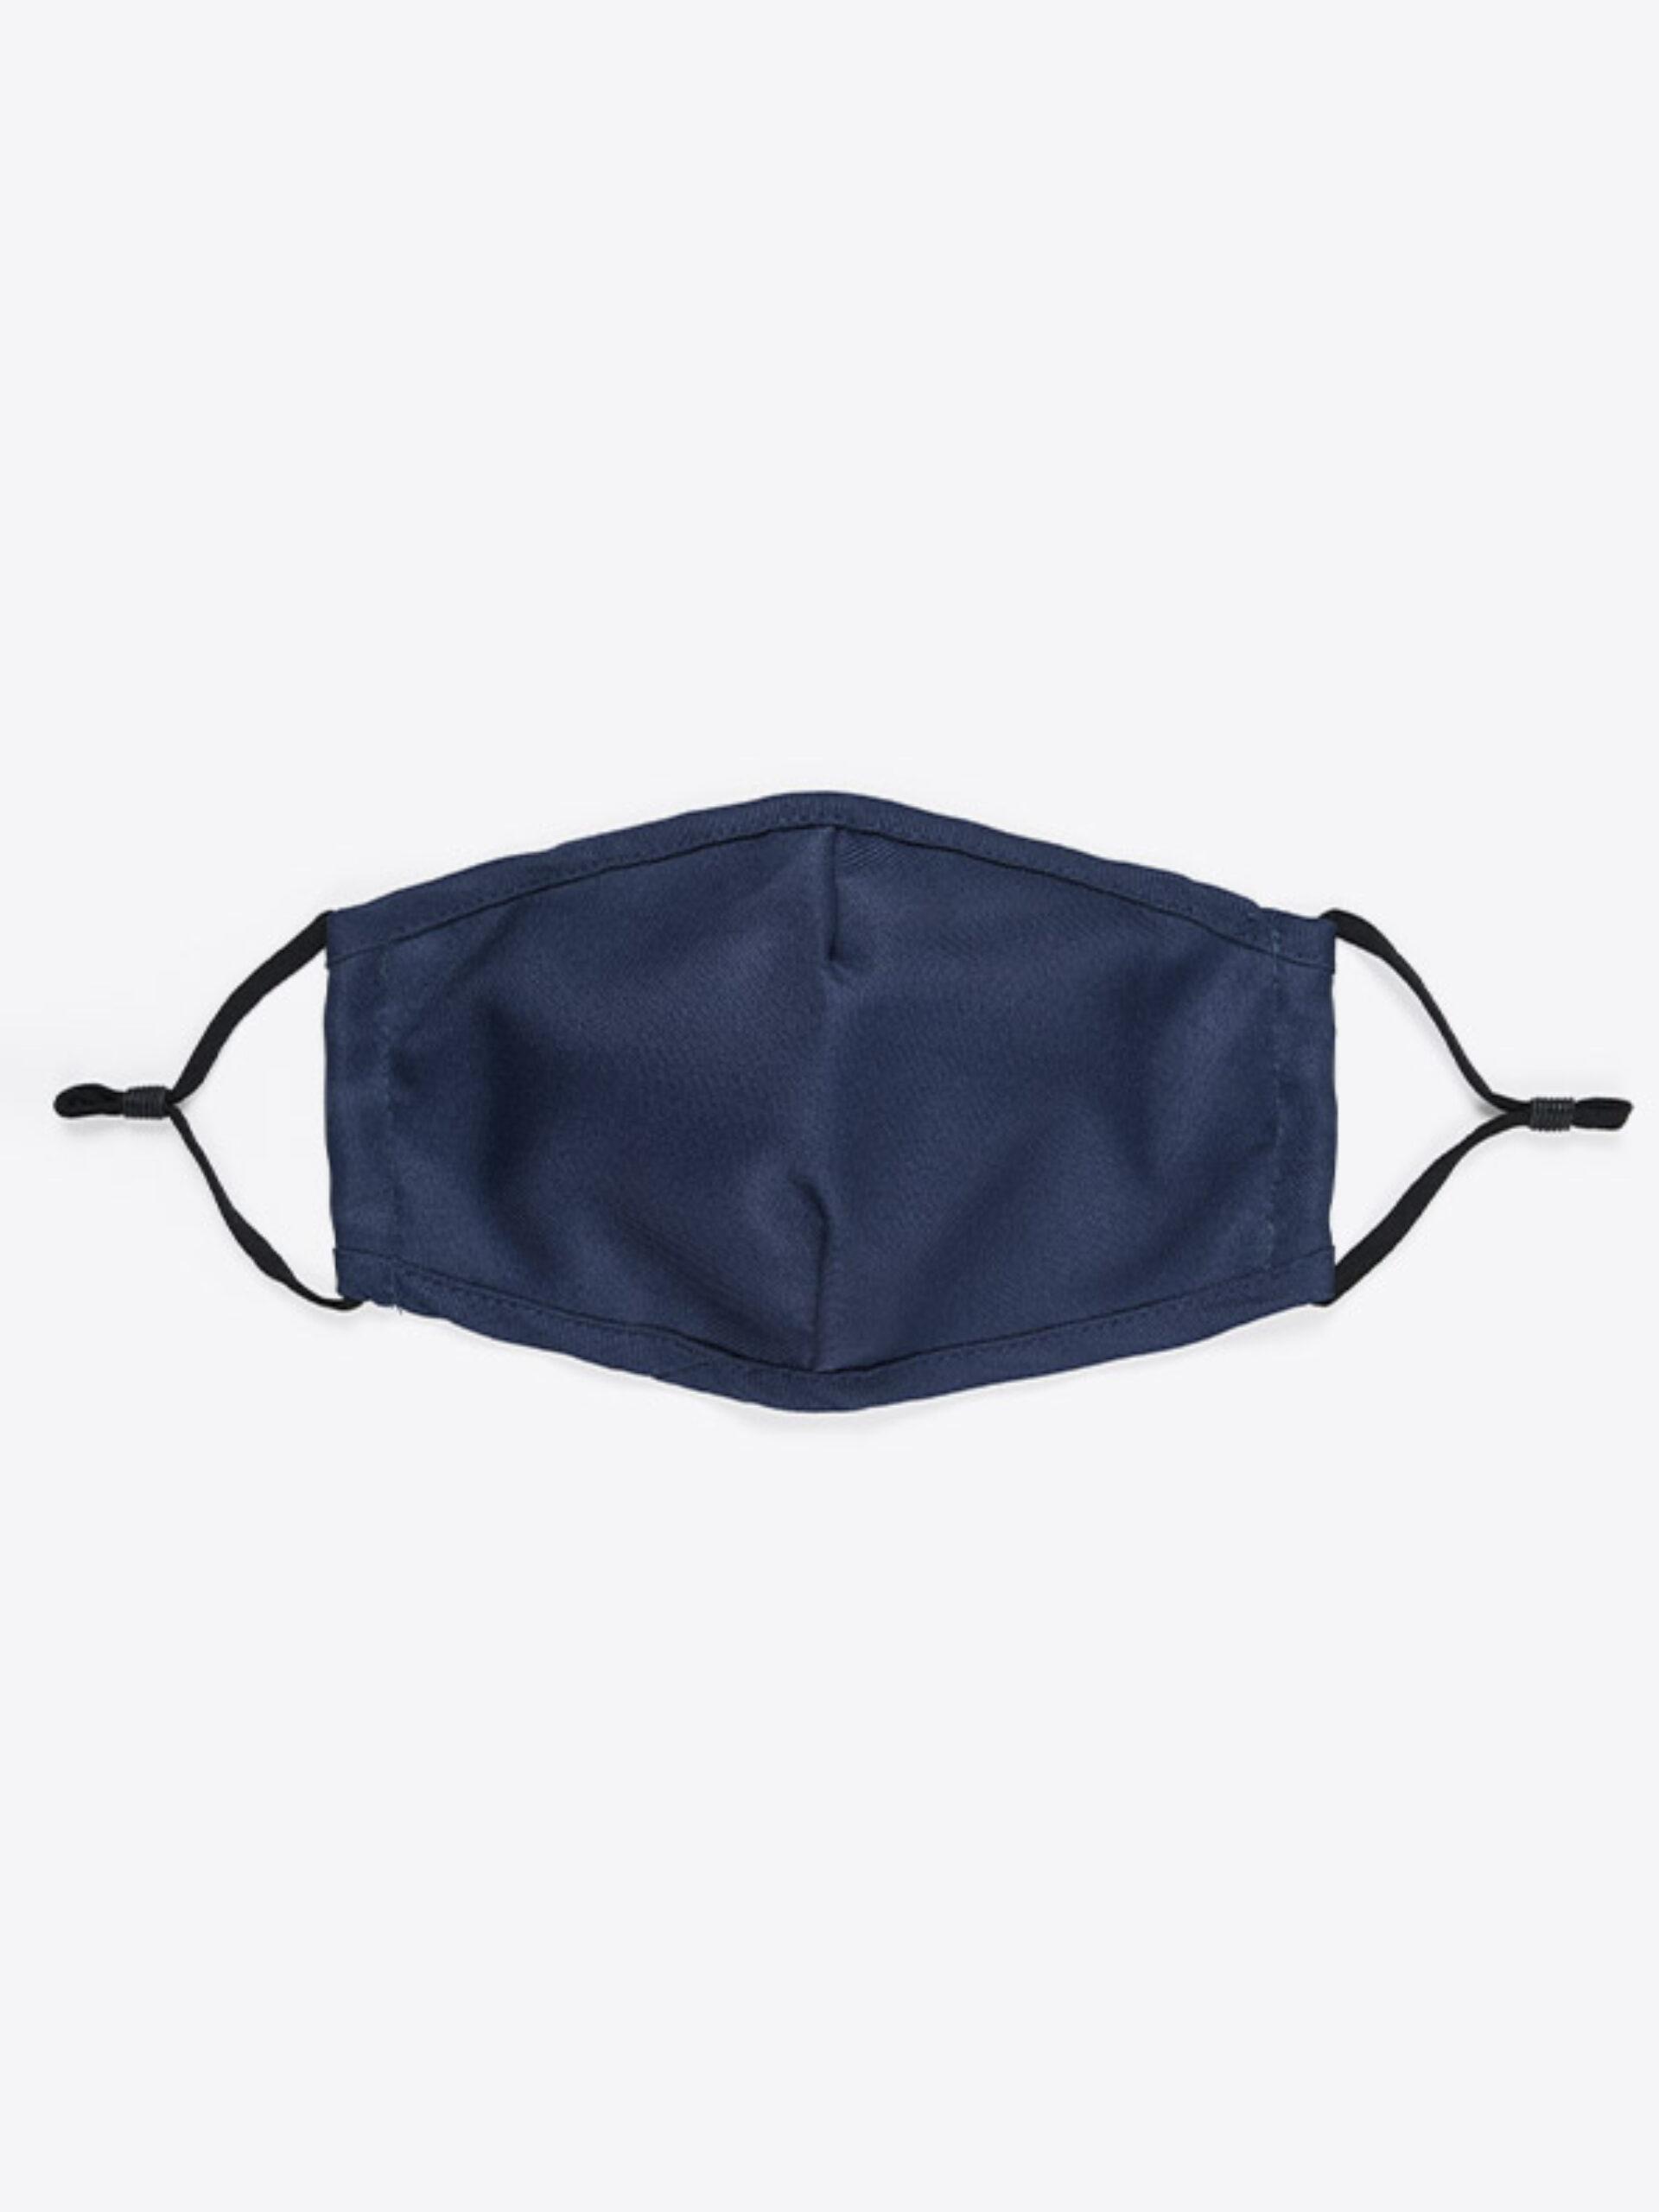 Community Maske Schutzmaske Mit Wechselfilter Blau Navy Zurich